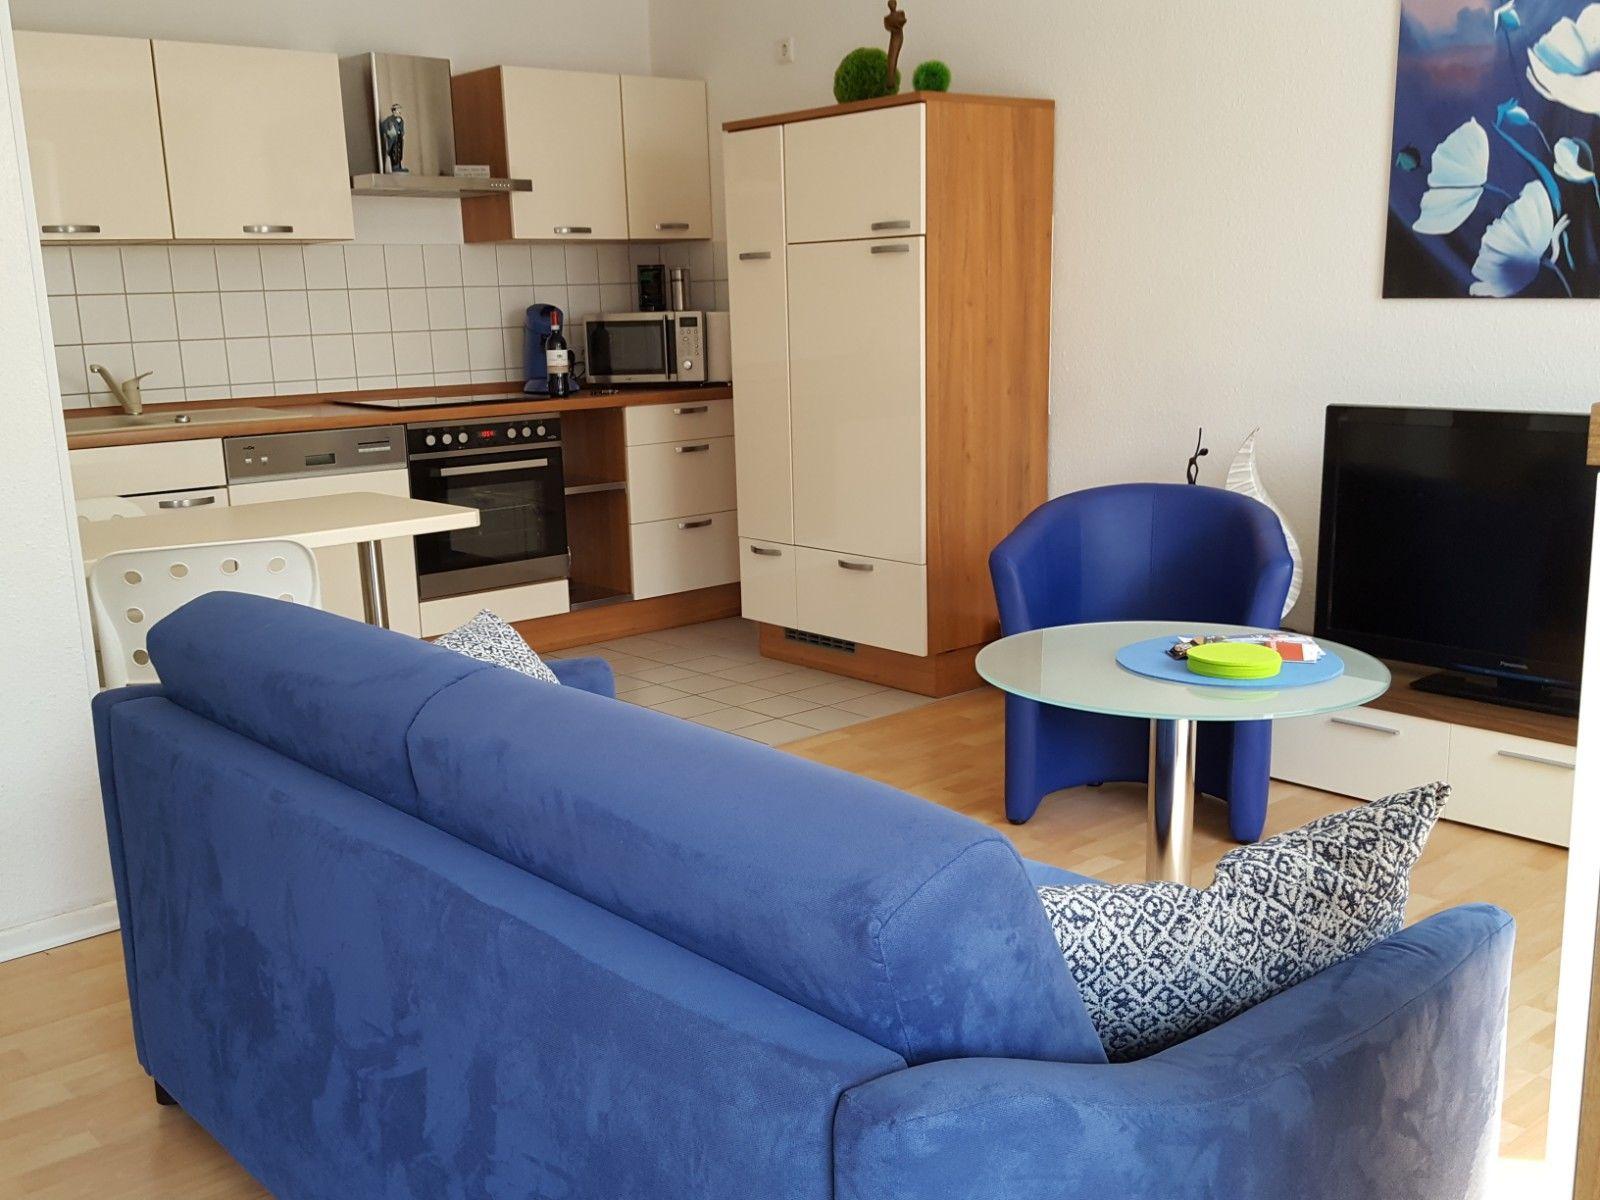 Wohnzimmer mit Deko